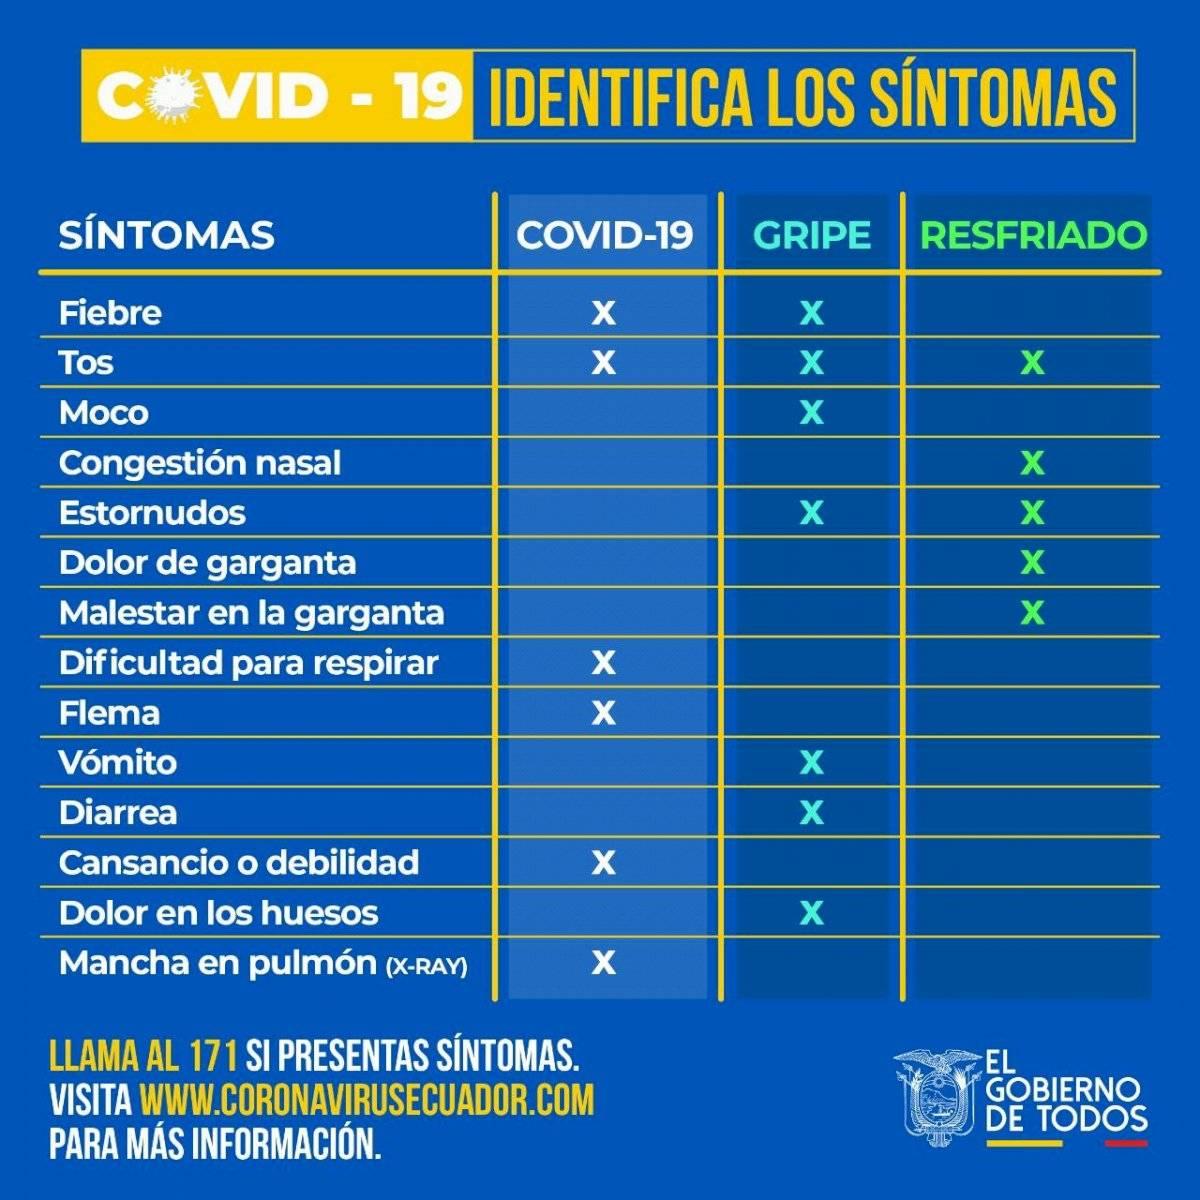 Síntomas COVID-19